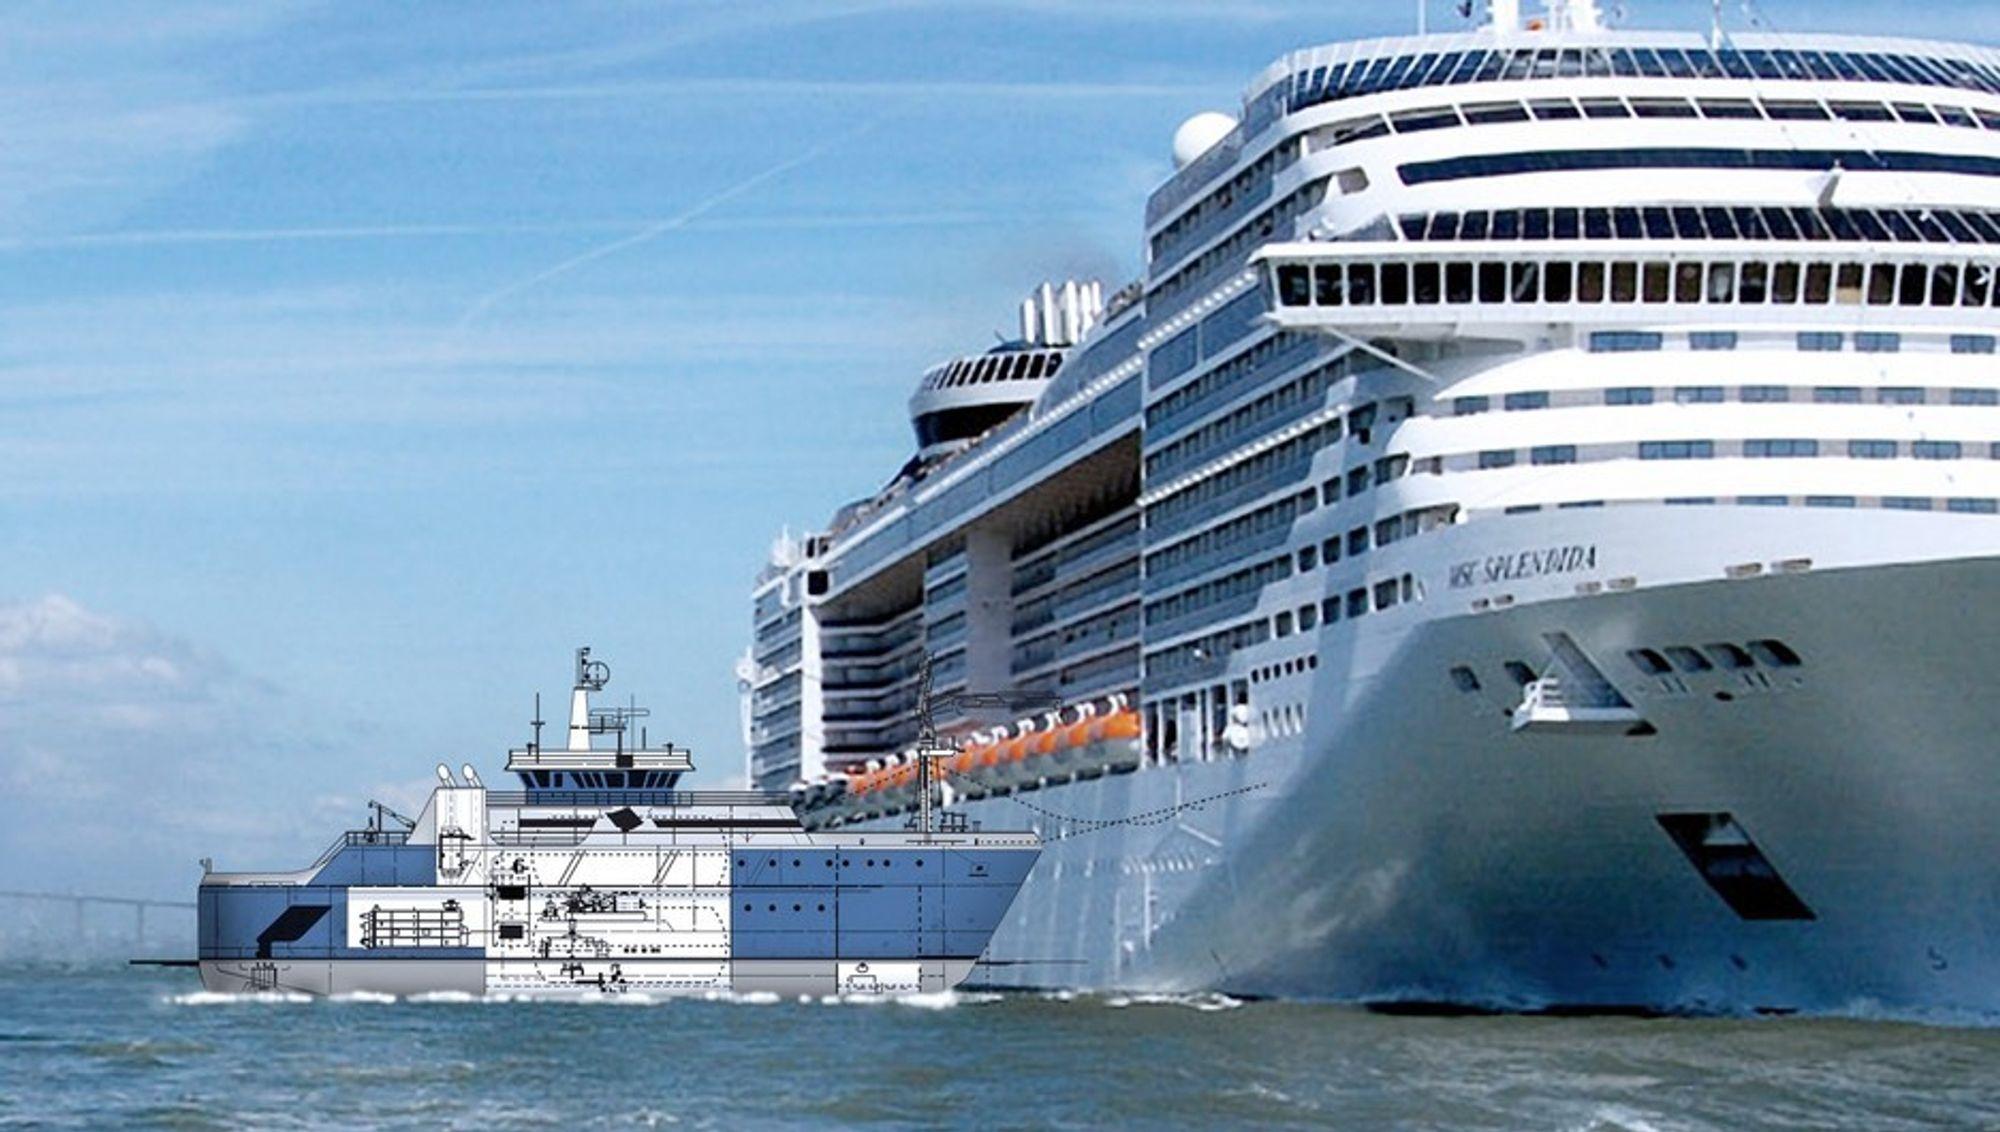 REN KRAFT: Slik tenker Eidesvik seg at et EPS-fartøy kan koble seg til cruiseskipet og forsyne det med strøm fra brenselceller.